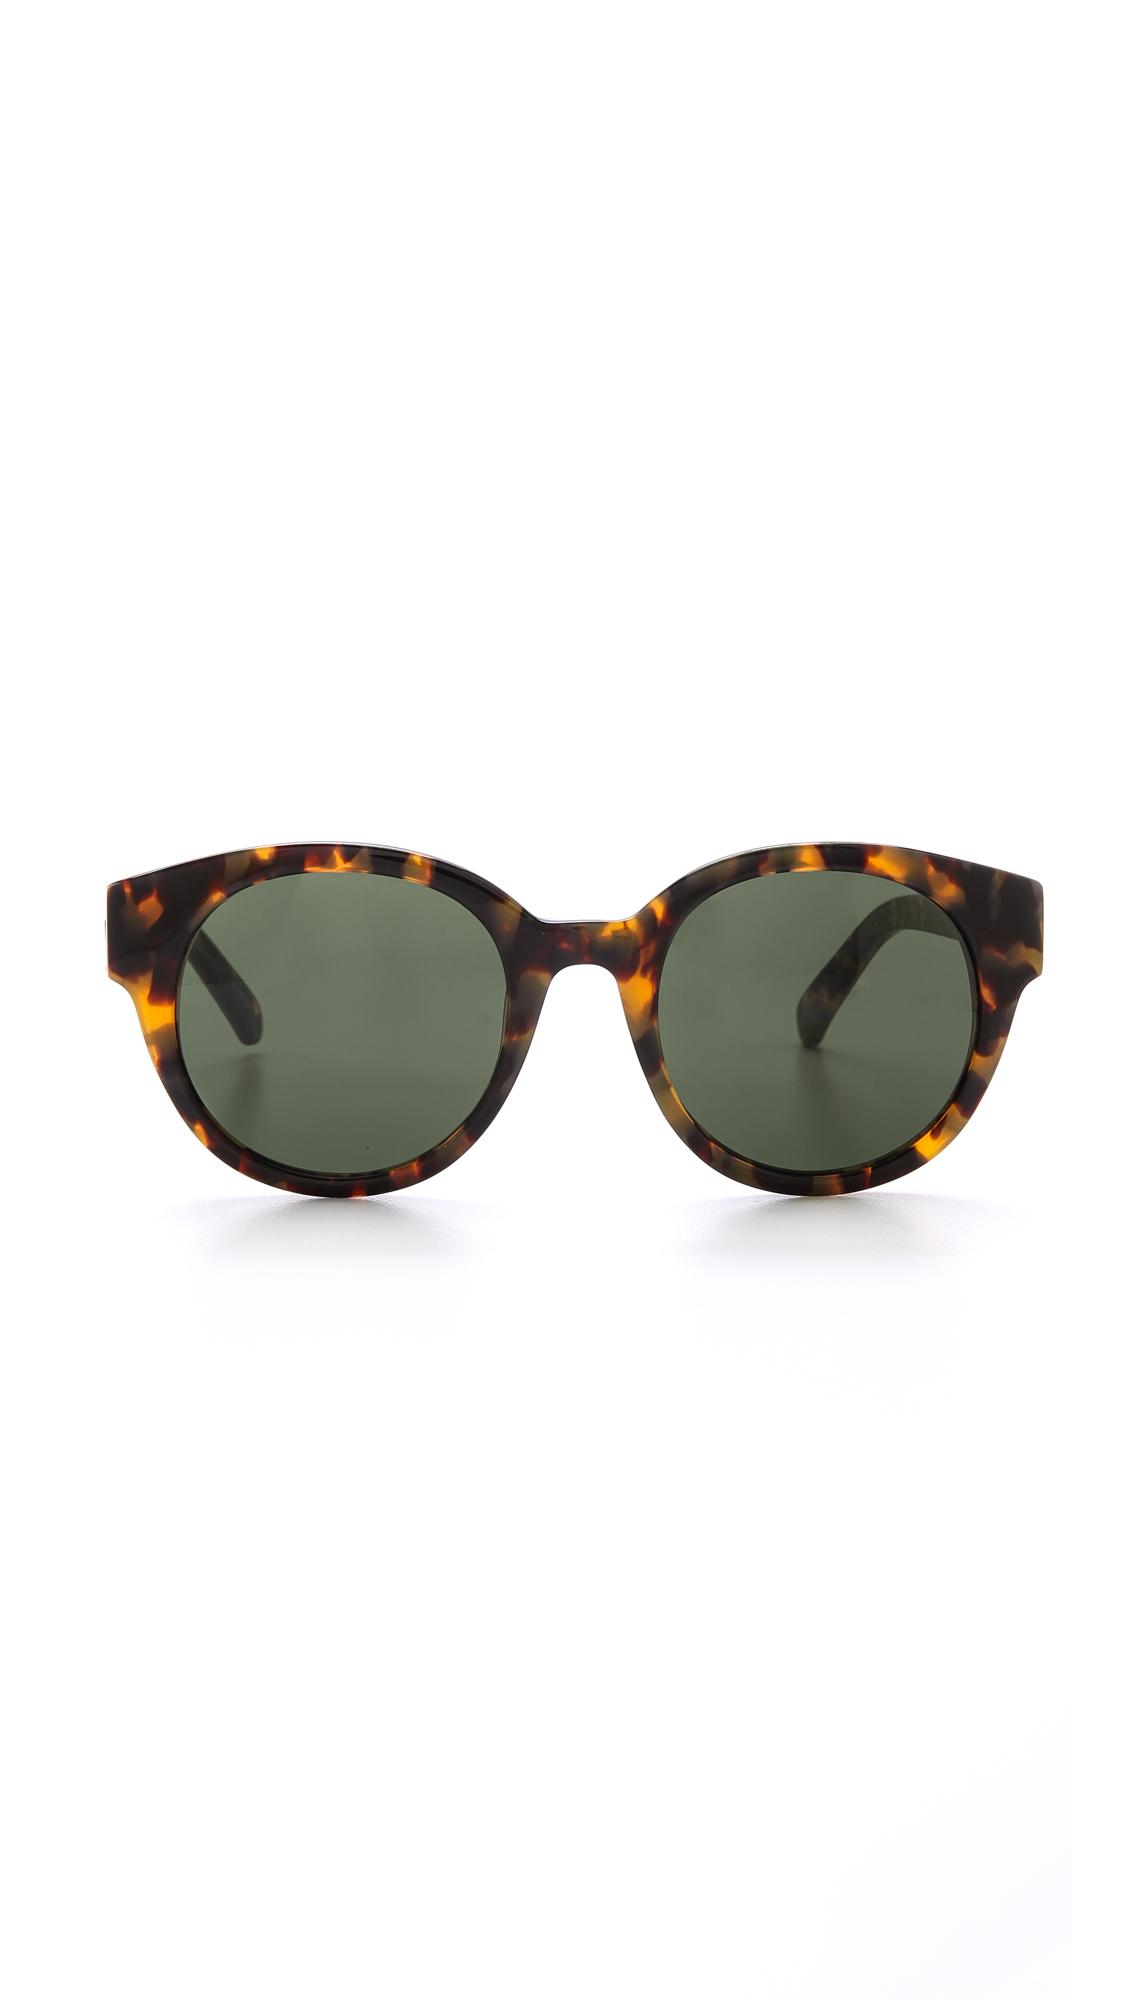 a1c620200fd3 Karen Walker Anywhere Sunglasses